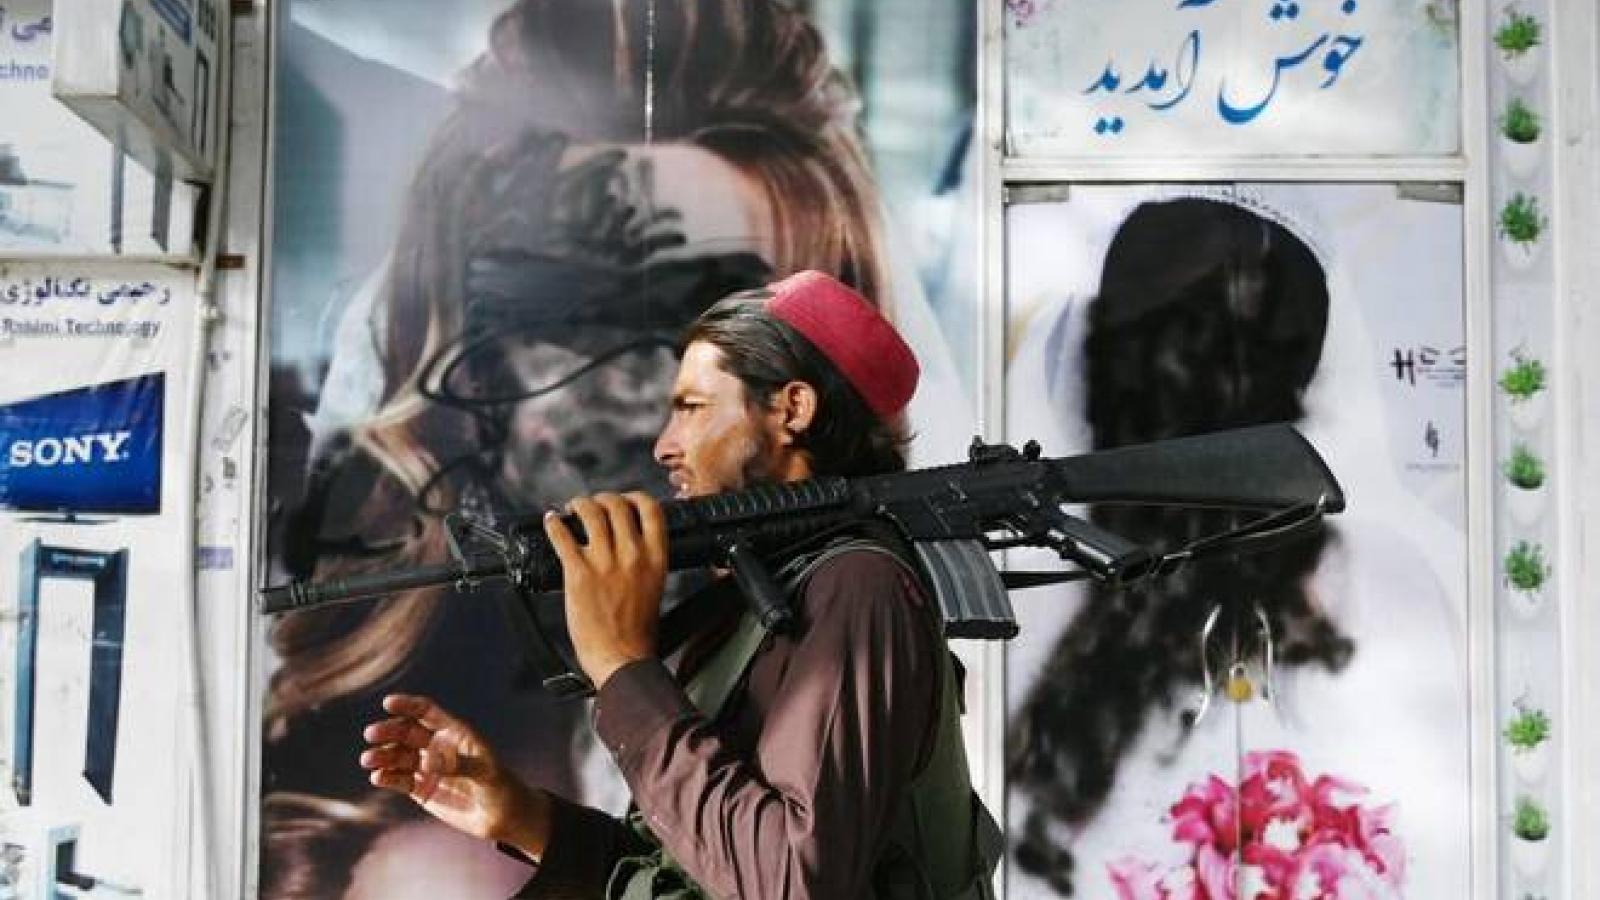 Luật sharia là gì và Taliban sẽ áp dụng luật này như thế nào ở Afghanistan?